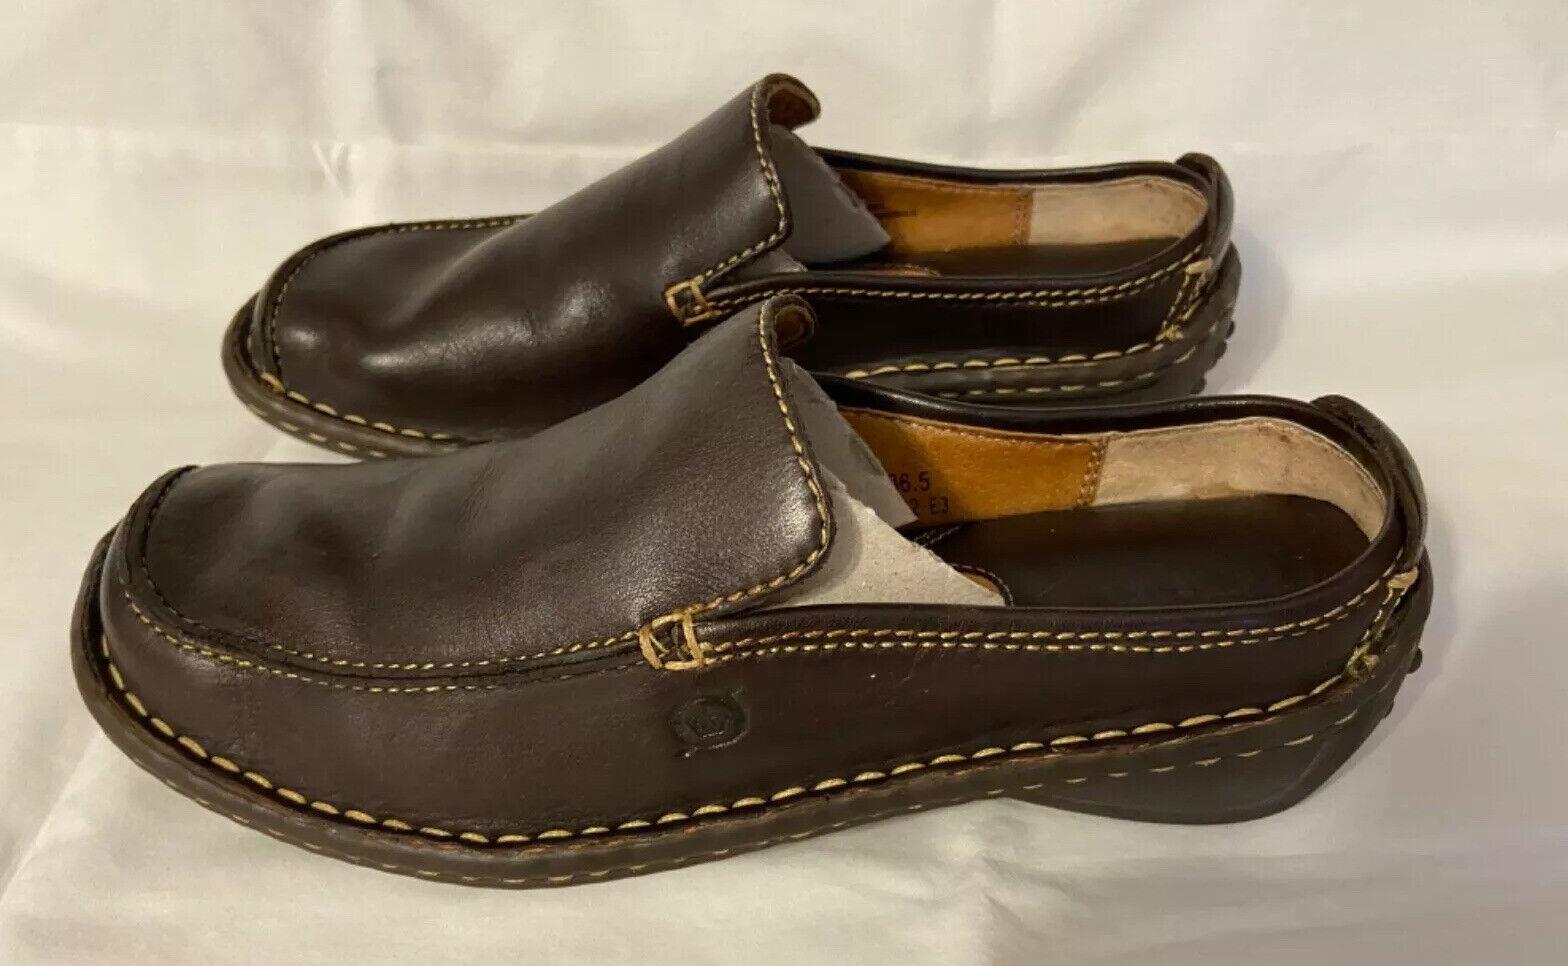 NWOT BORN Sz 6 ~ 36.5 Brown Leather Clogs Mocs Mules B8042 E3